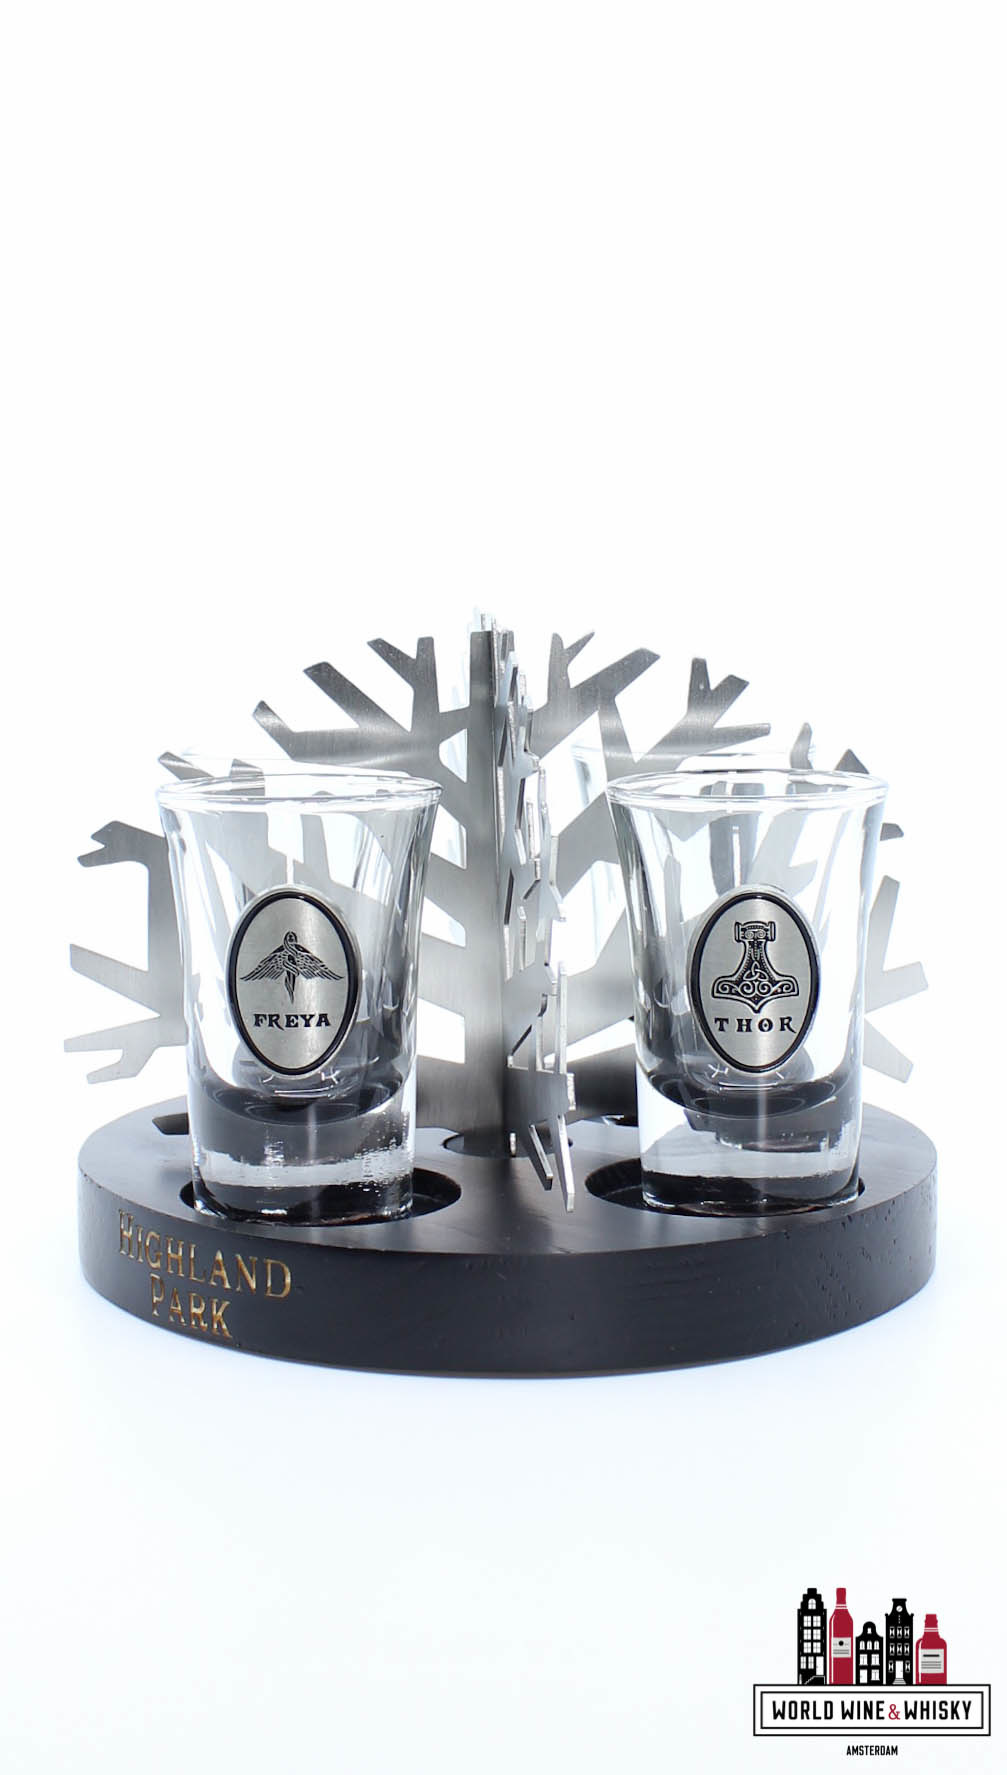 Highland Park Highland Park Valhalla Shot Glass Set (4 glasses incl. display)